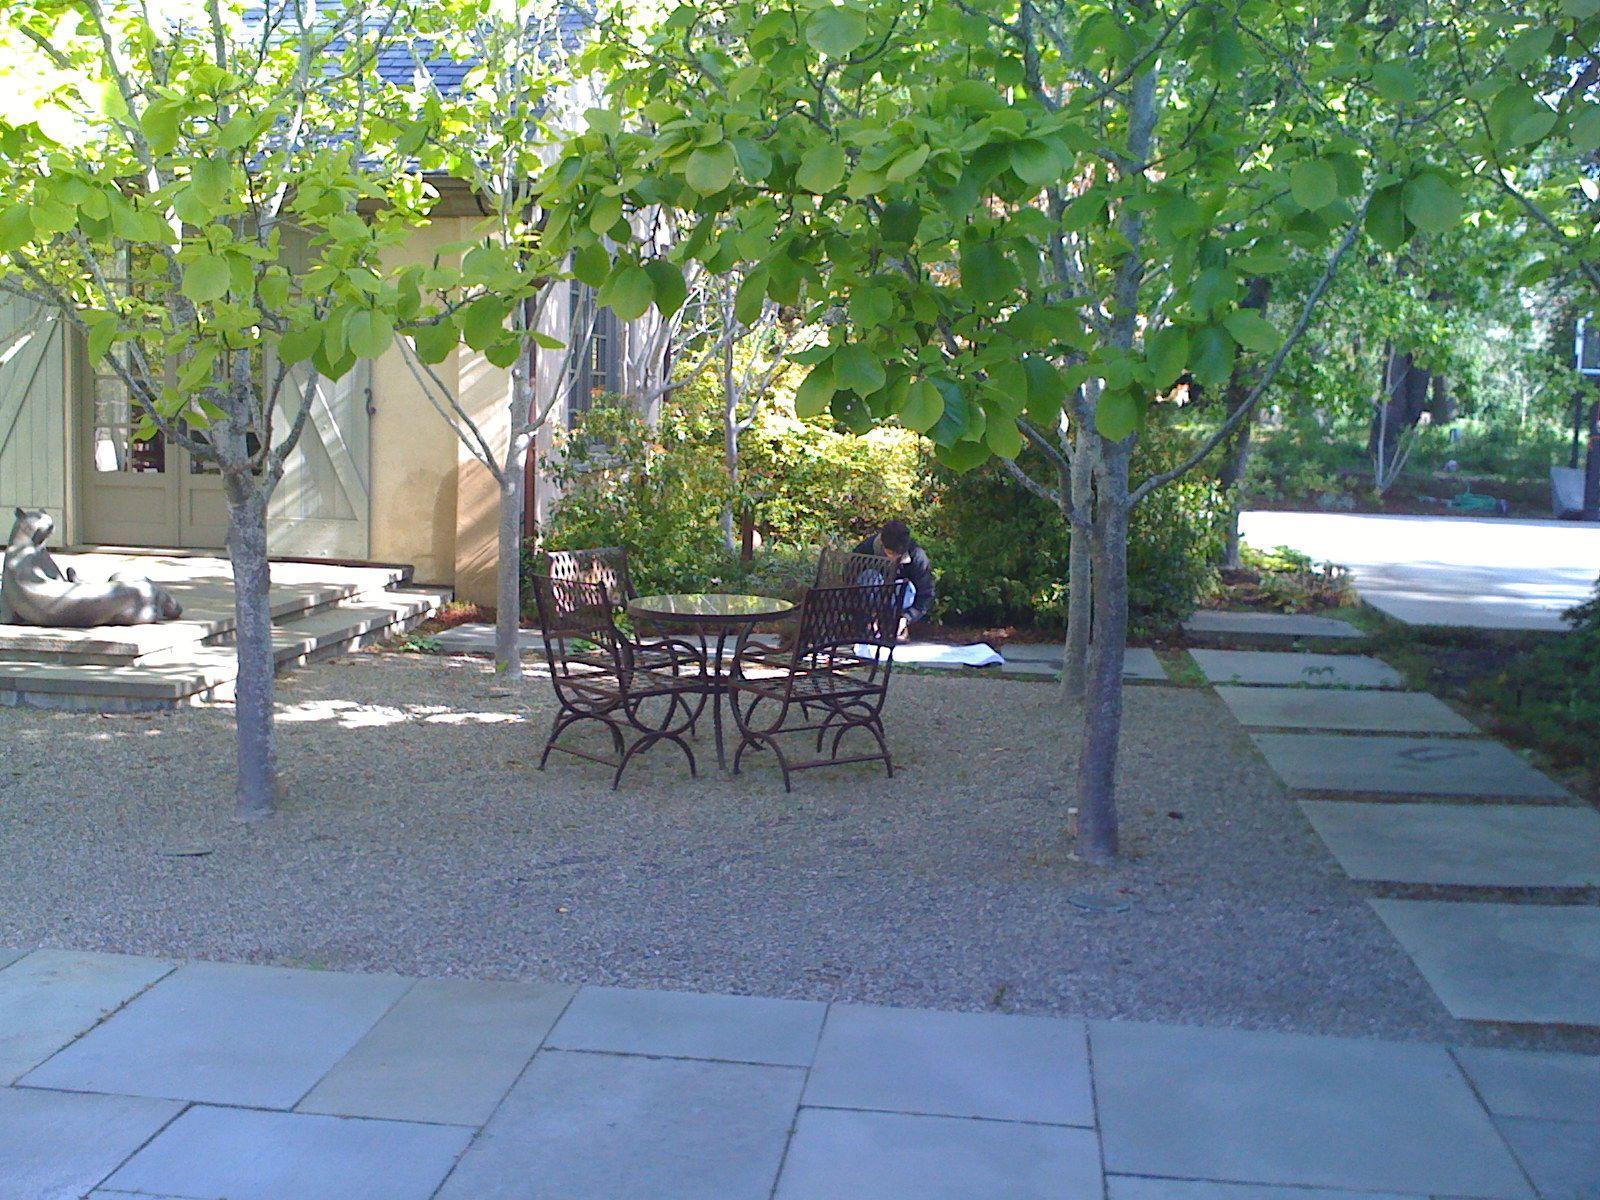 Large Bluestone Square Pavers as border around gravel ... on Square Paver Patio Ideas id=75189